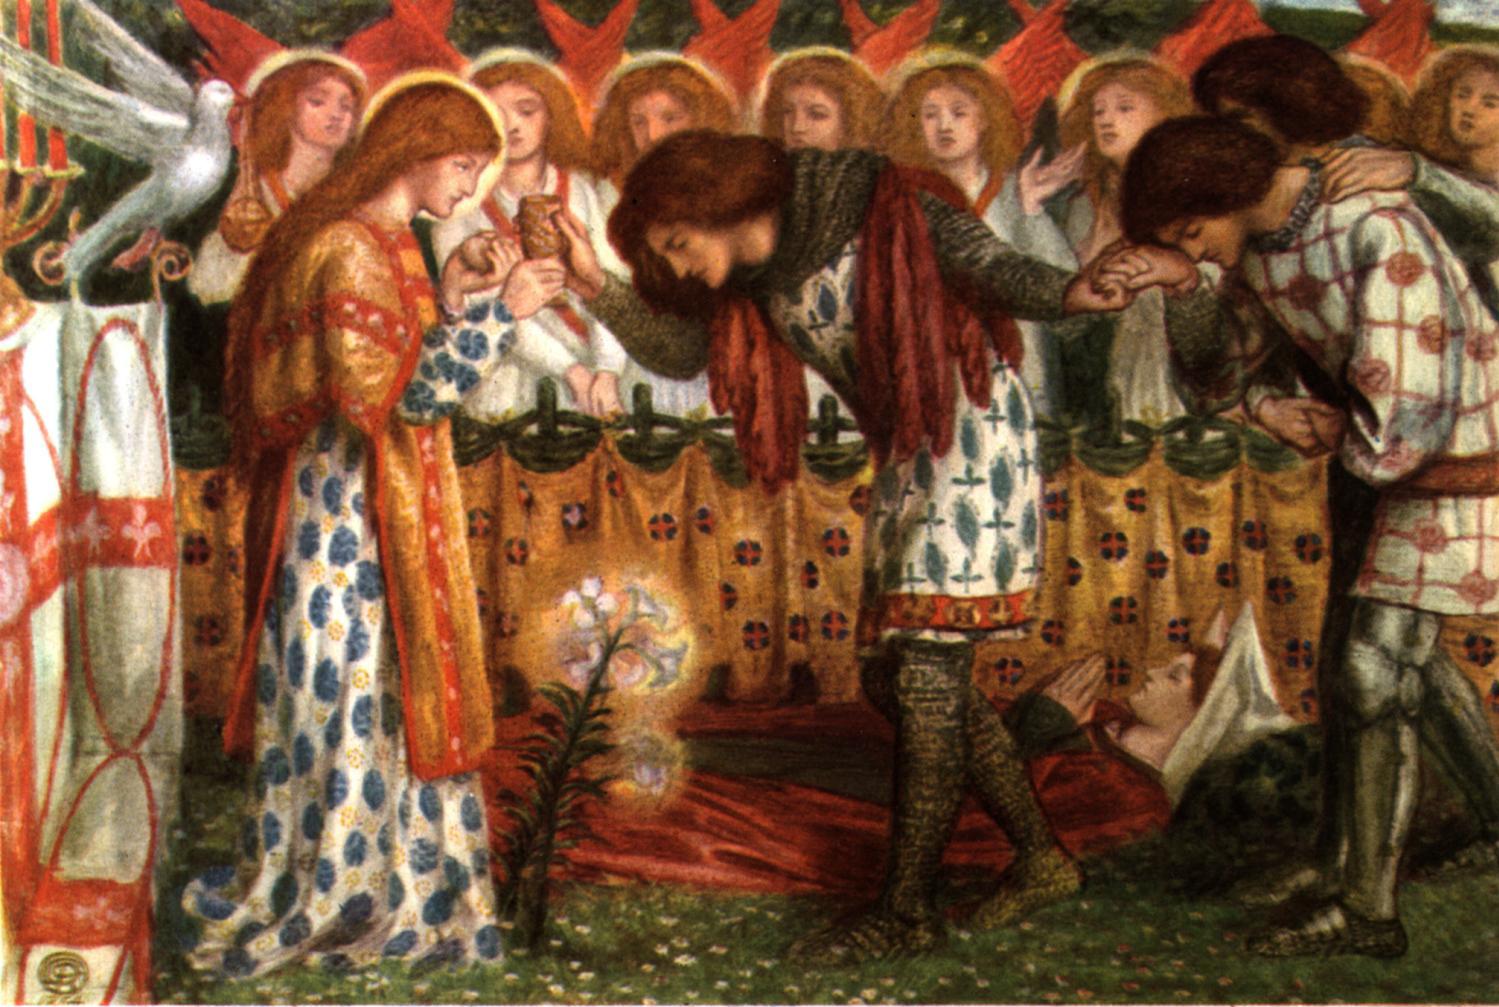 Dante G. Rossetti, Galahad, Percival, Bors_and Graal